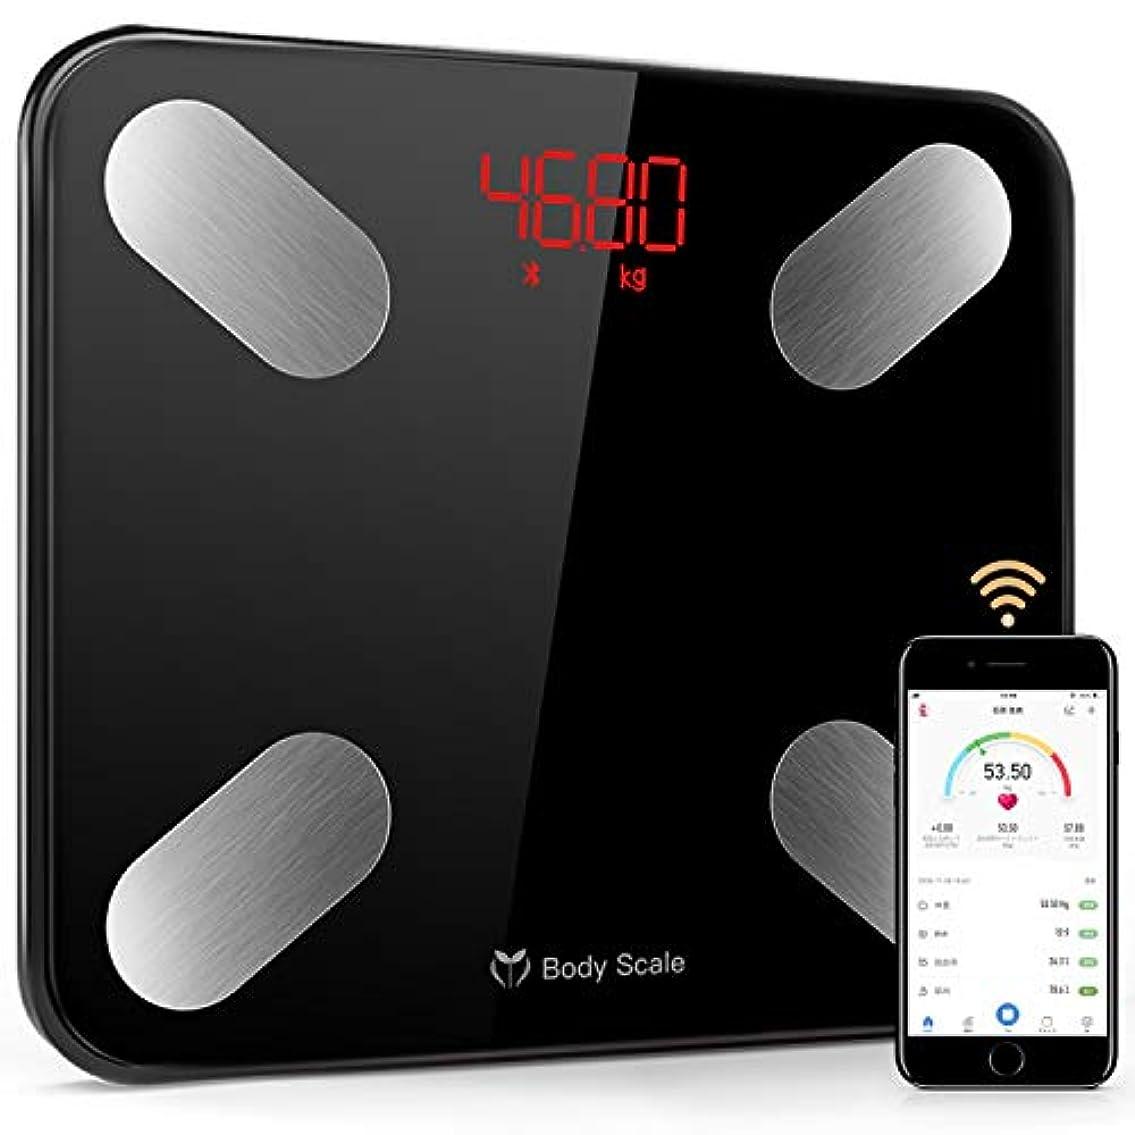 くびれた夜明けに汚染された体重計 体組成計 体重?体組成計 体脂肪計 BMI/体脂肪率/筋肉量など/体水分率/推定骨量/基礎代謝量など測定可能 Bluetooth対応 iOS/Androidアプリで健康管理 日本語説明書付き Molitar (ブラック)